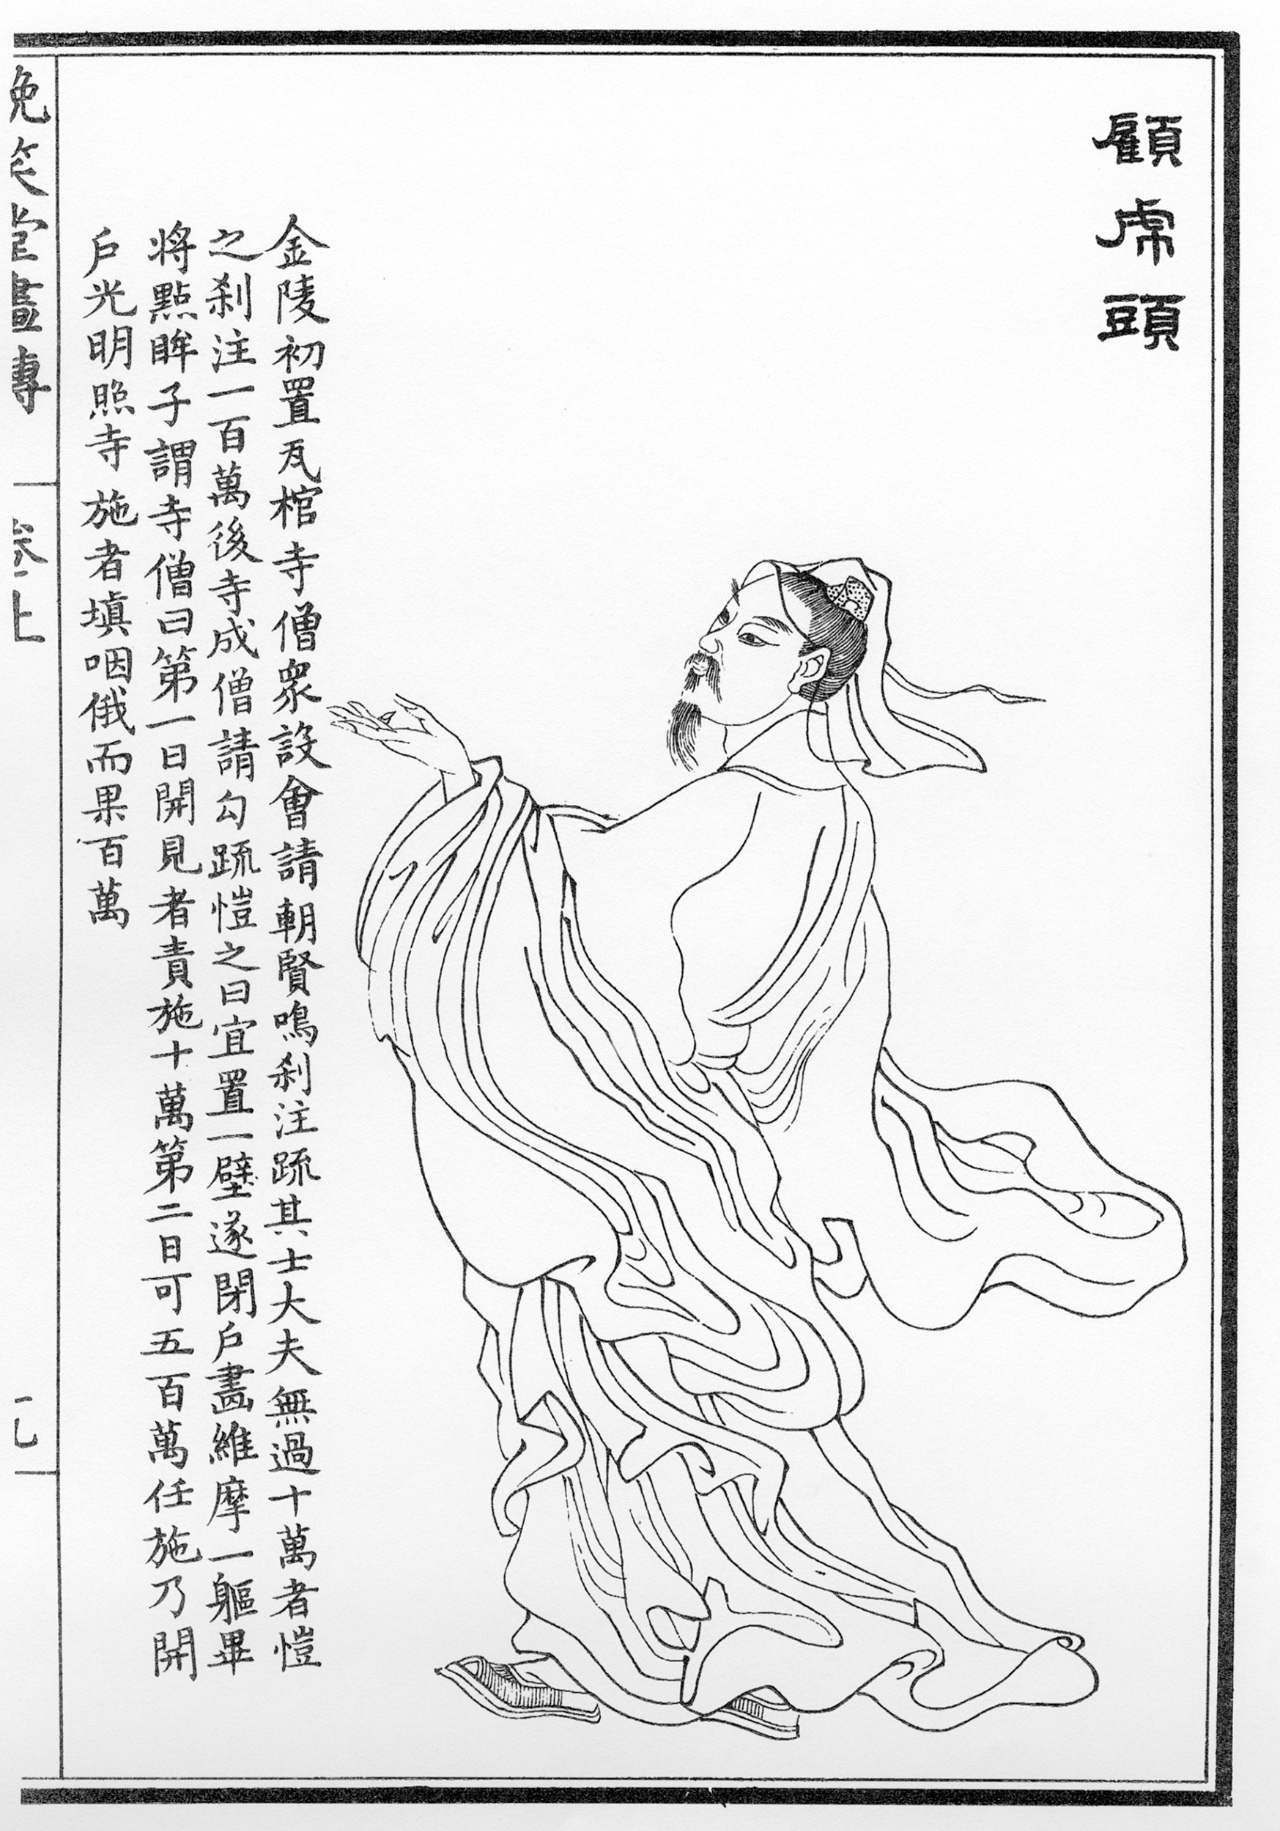 """他凭什么与王羲之齐名?千古""""画绝"""",中国水墨画的开创者"""